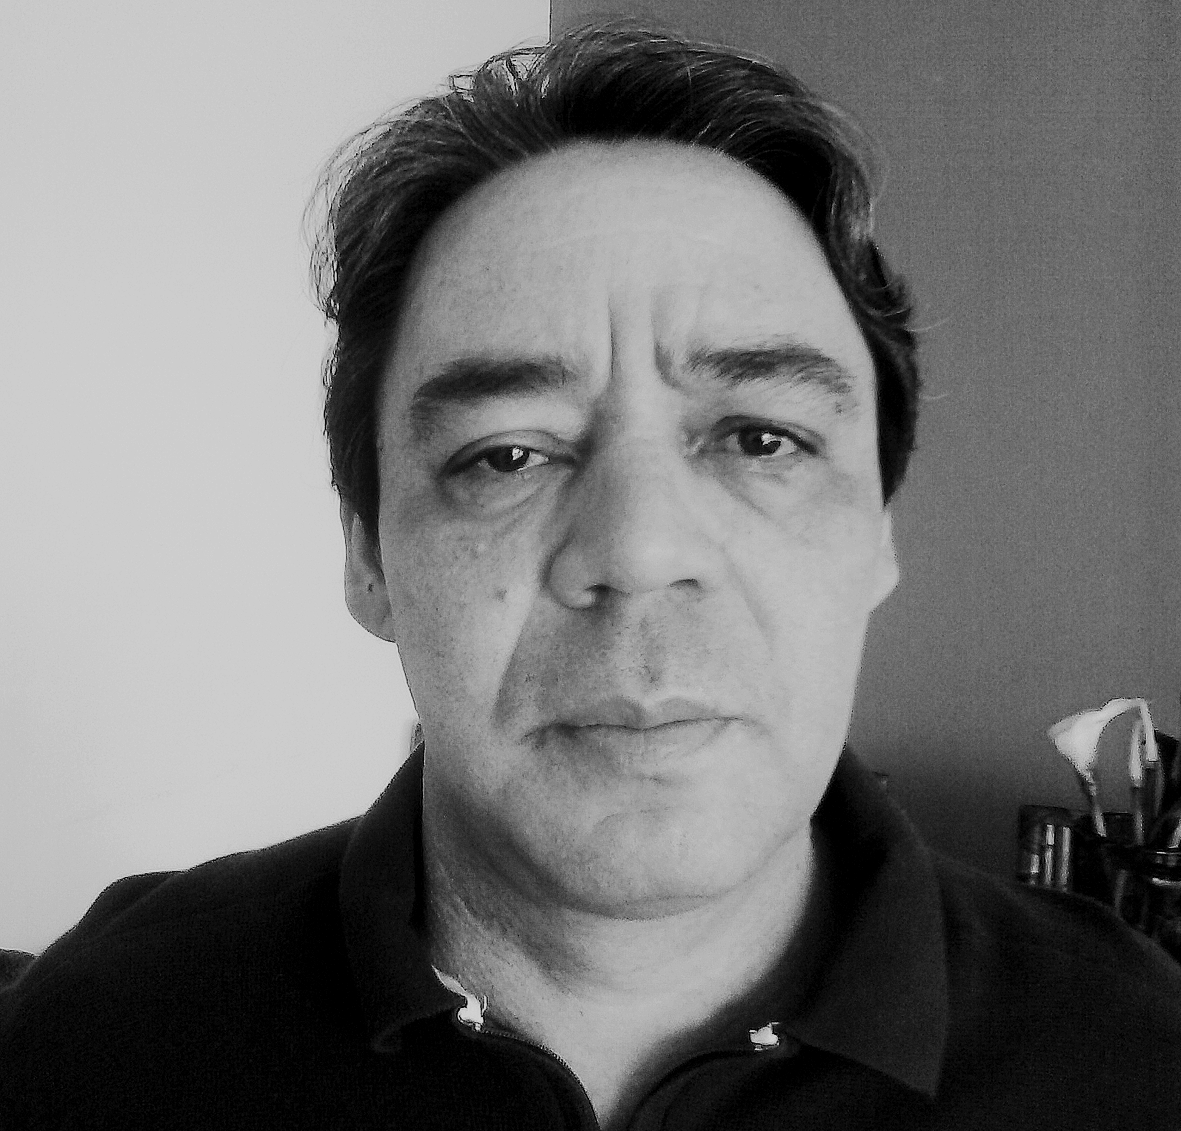 Marco Antônio Del Grande